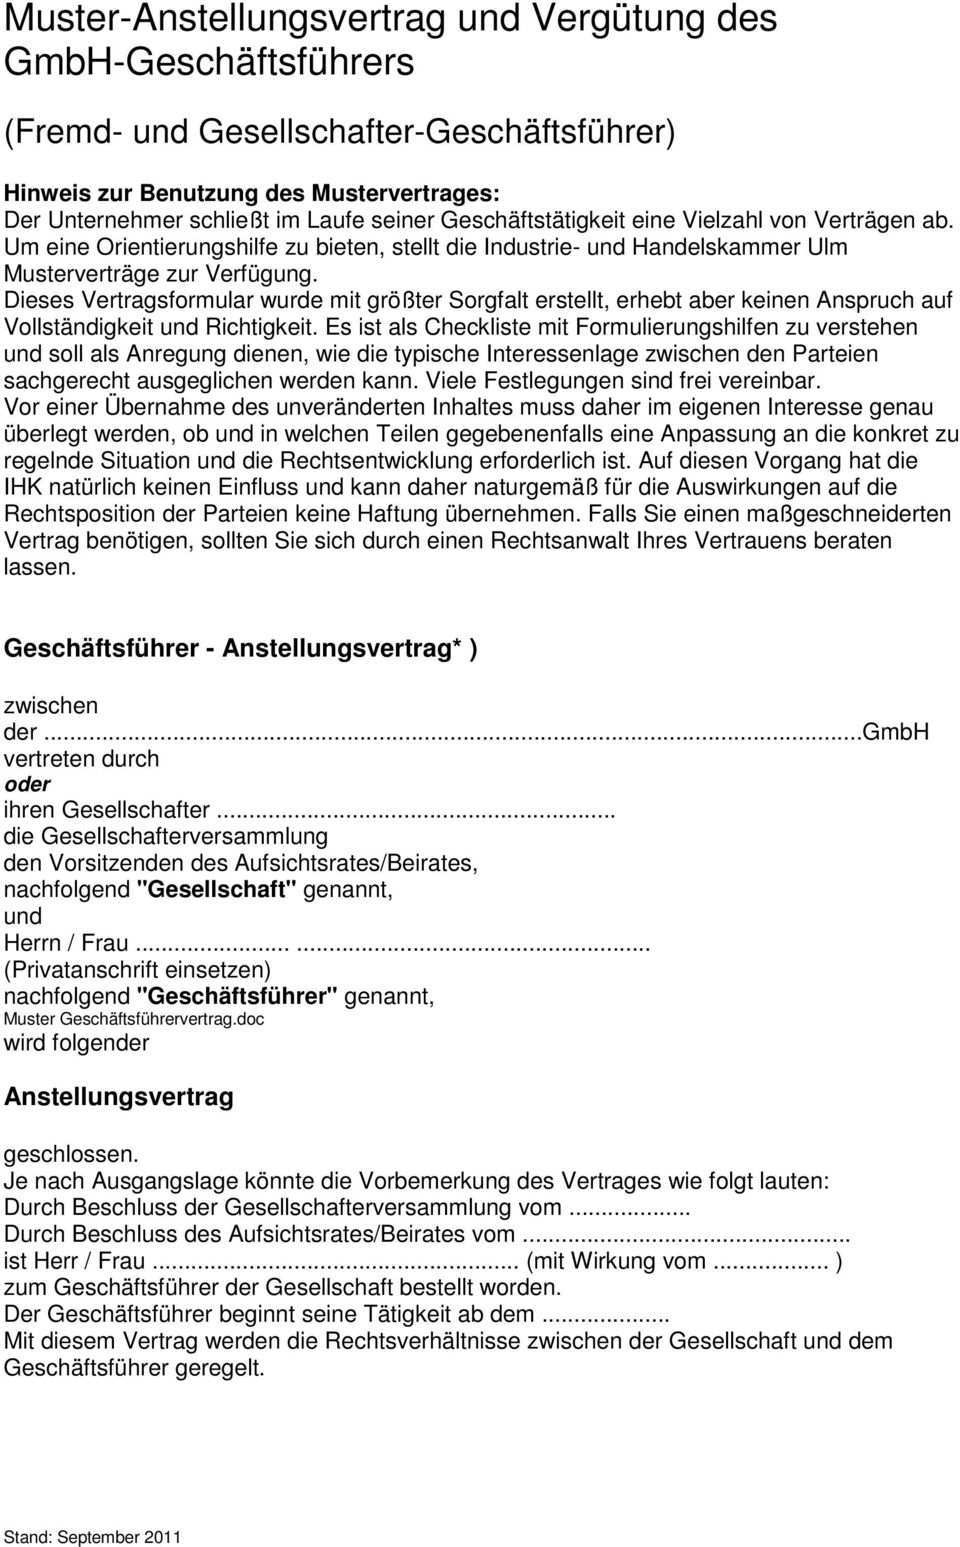 Muster Anstellungsvertrag Und Vergutung Des Gmbh Geschaftsfuhrers Pdf Kostenfreier Download